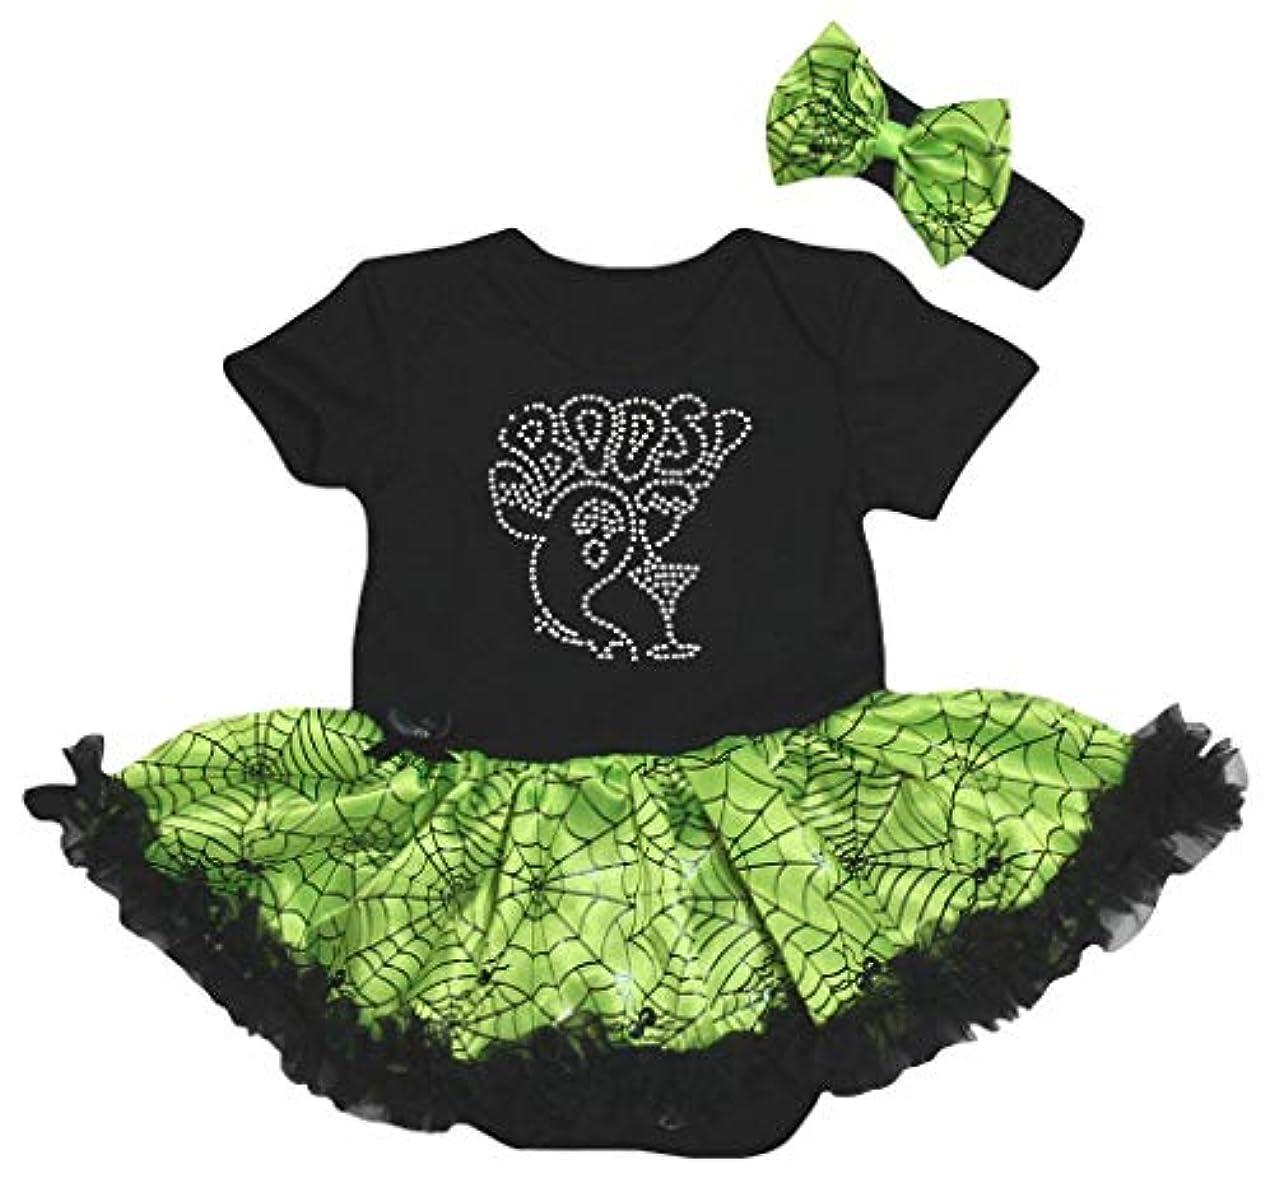 鋭くにおいワゴン[キッズコーナー] ハロウィン Boos! ゴースト ブラック グリーン コブウェブ 子供ボディスーツ、子供のチュチュ、ベビー服、女の子のワンピースドレス Nb-18m (ブラック, Medium) [並行輸入品]